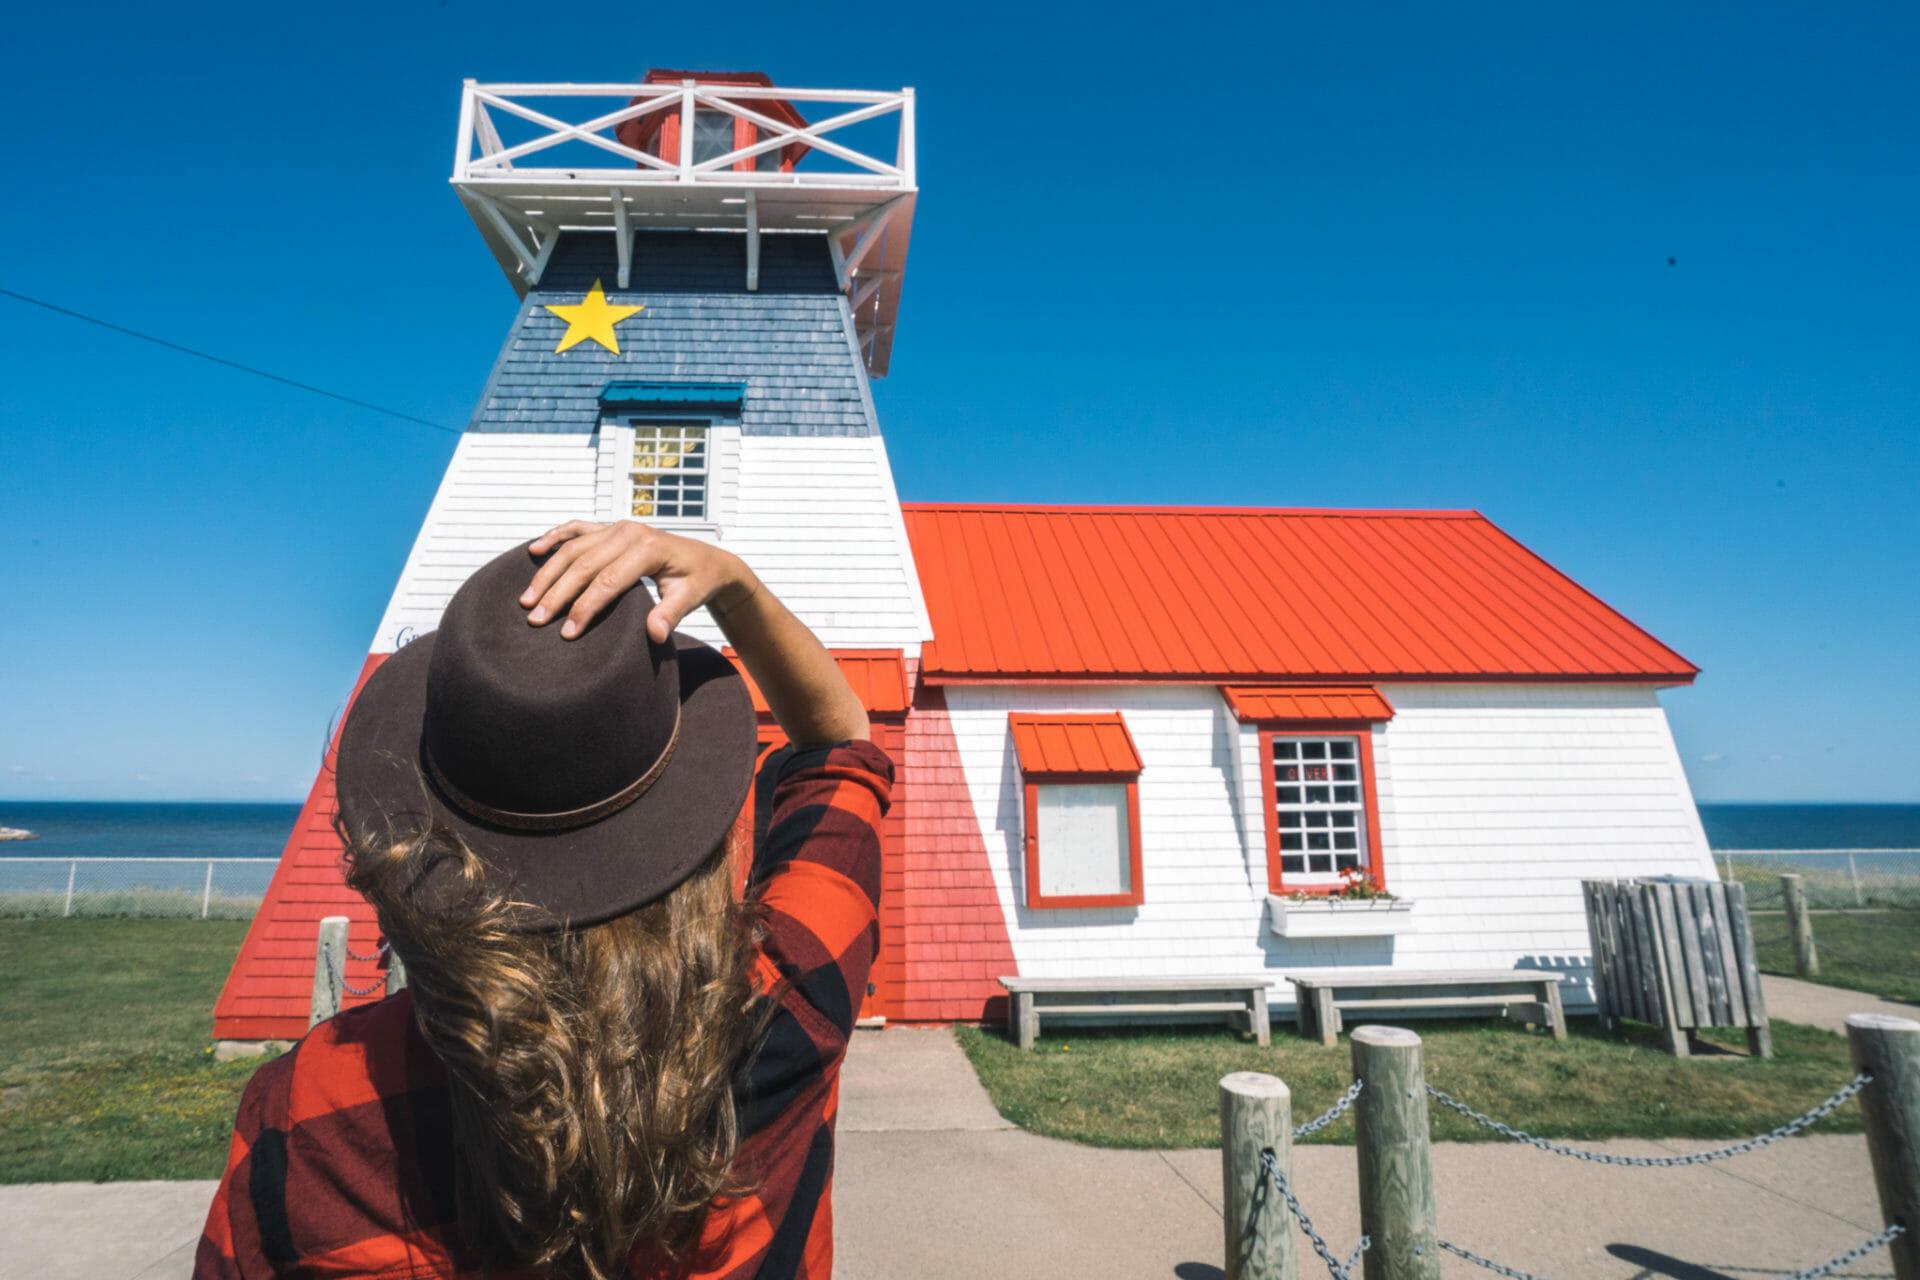 phare-miscou-acadie-canada-visite